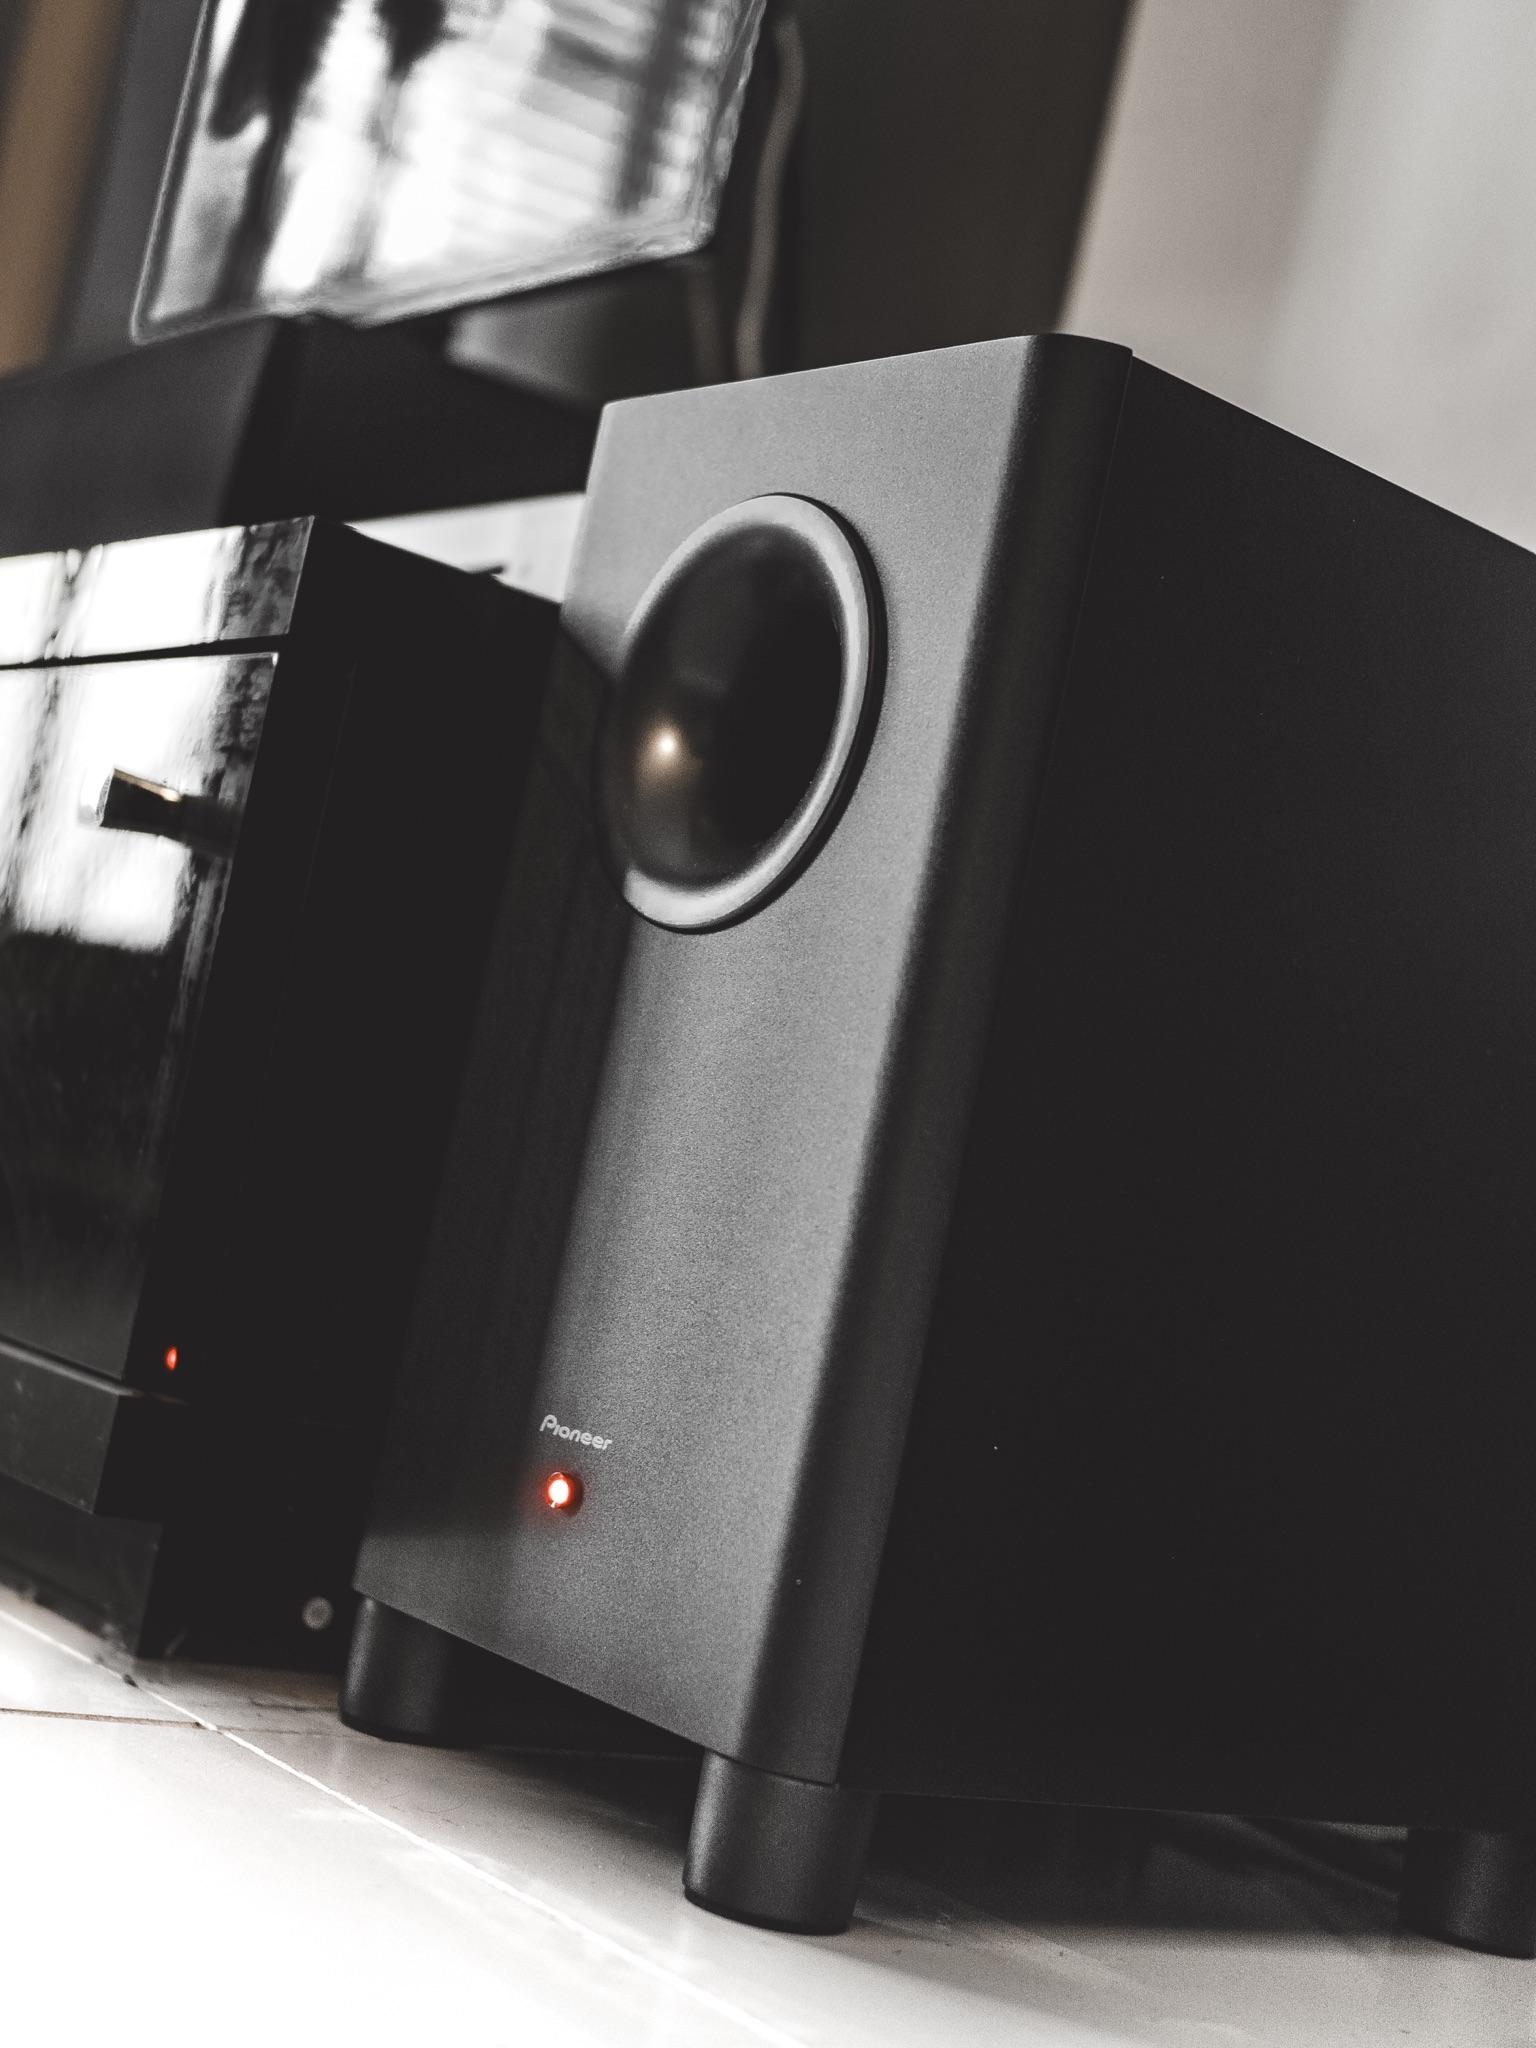 Home Cinema AV Surround Sound Pioneer VSX-932 Receiver Subwoofer Bass